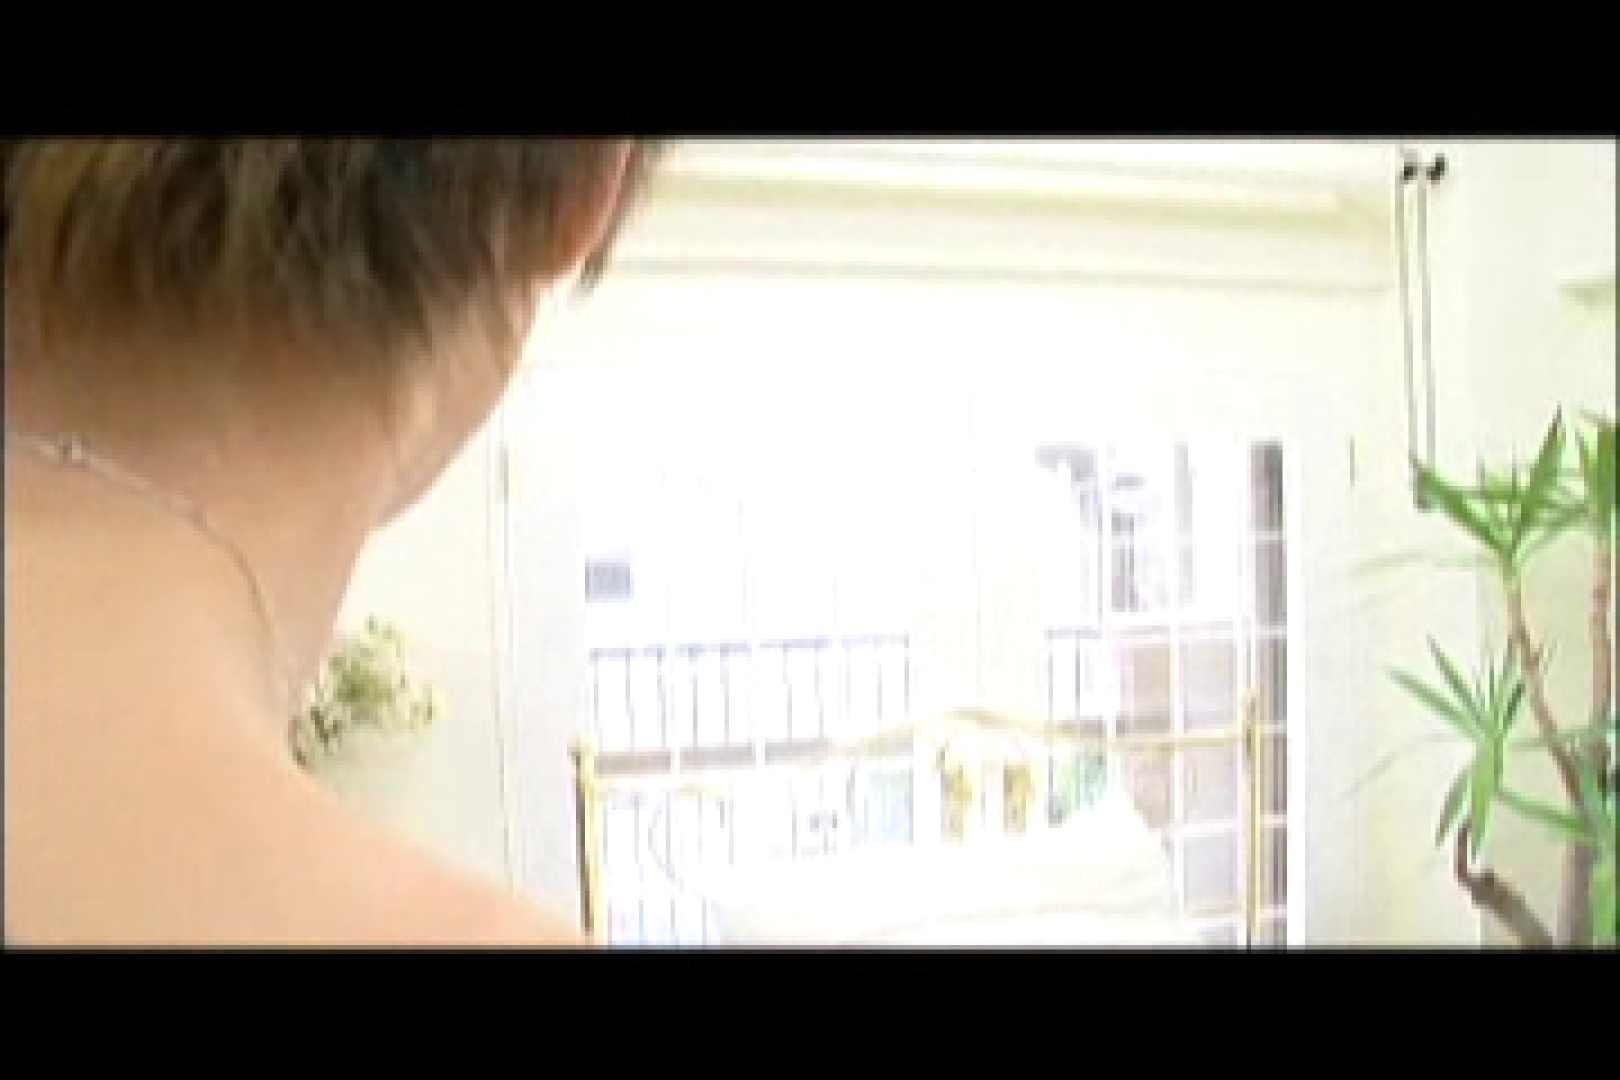 イケメン☆パラダイス〜男ざかりの君たちへ〜vol.16 フェラ天国 | 男祭り  109枚 76